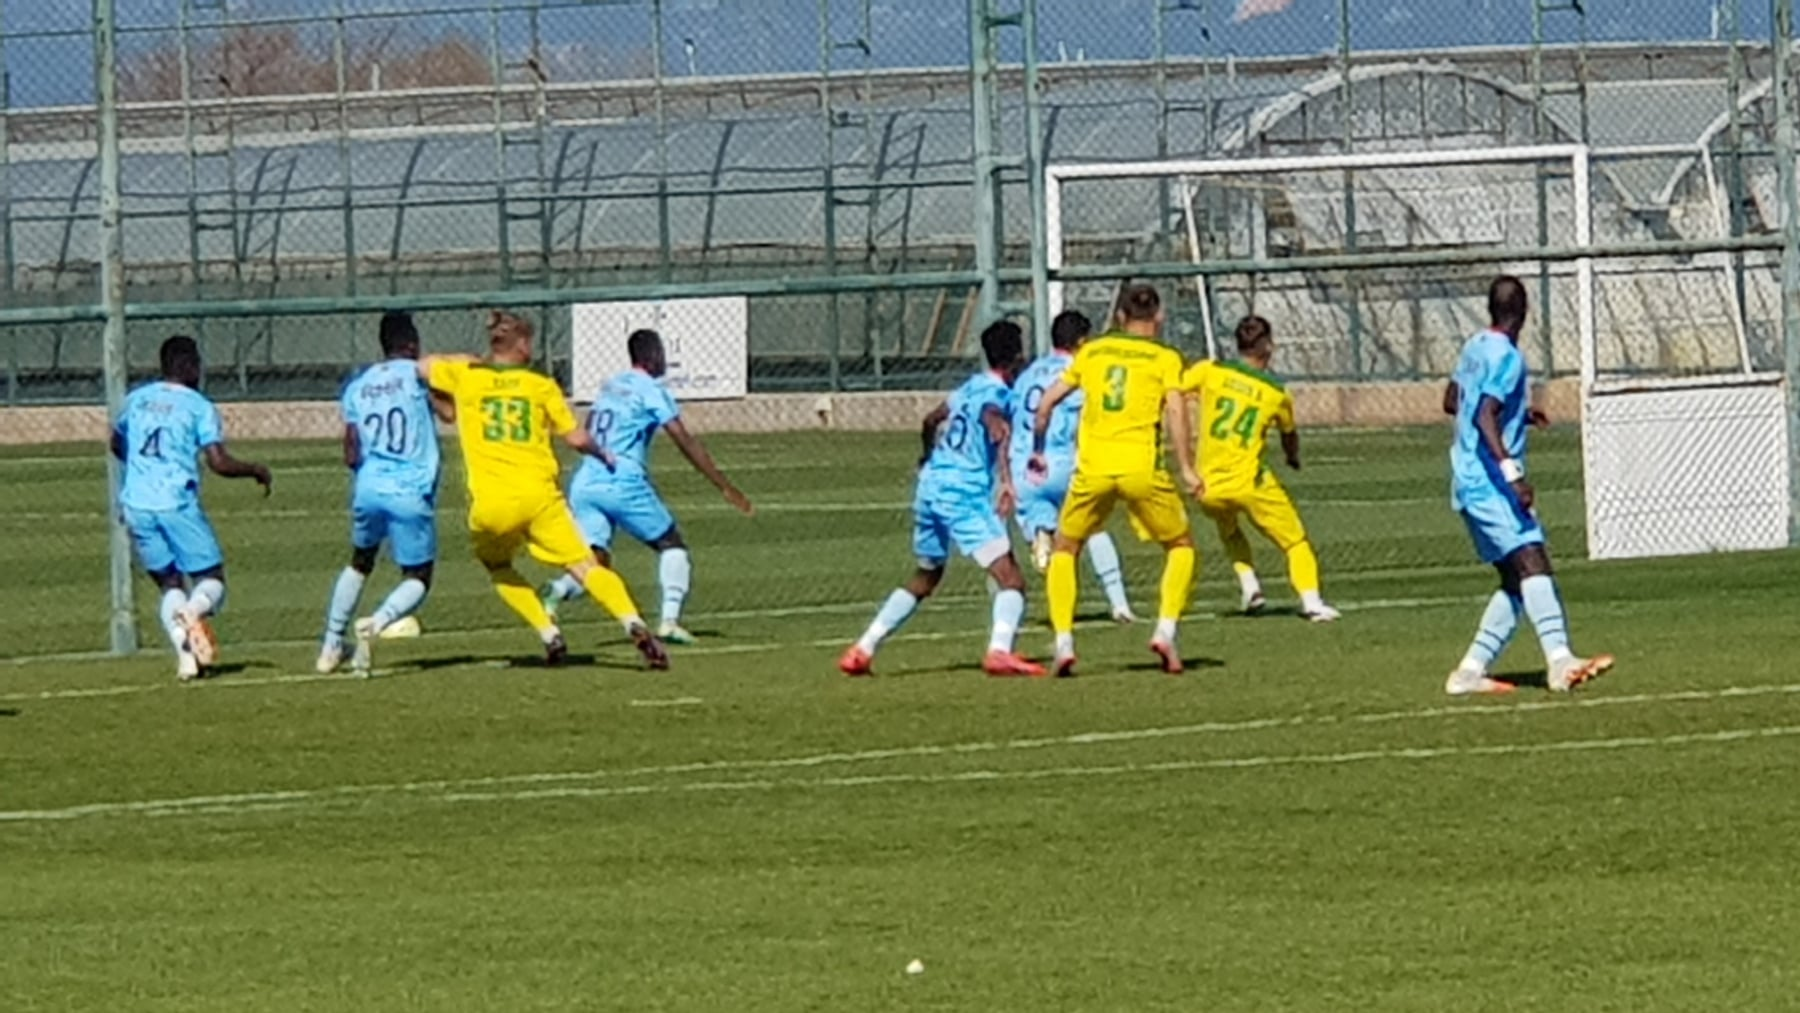 """Галицькі """"Карпати"""" мінімально поступилися команді з Мавританії (ФОТО, ВІДЕО)"""